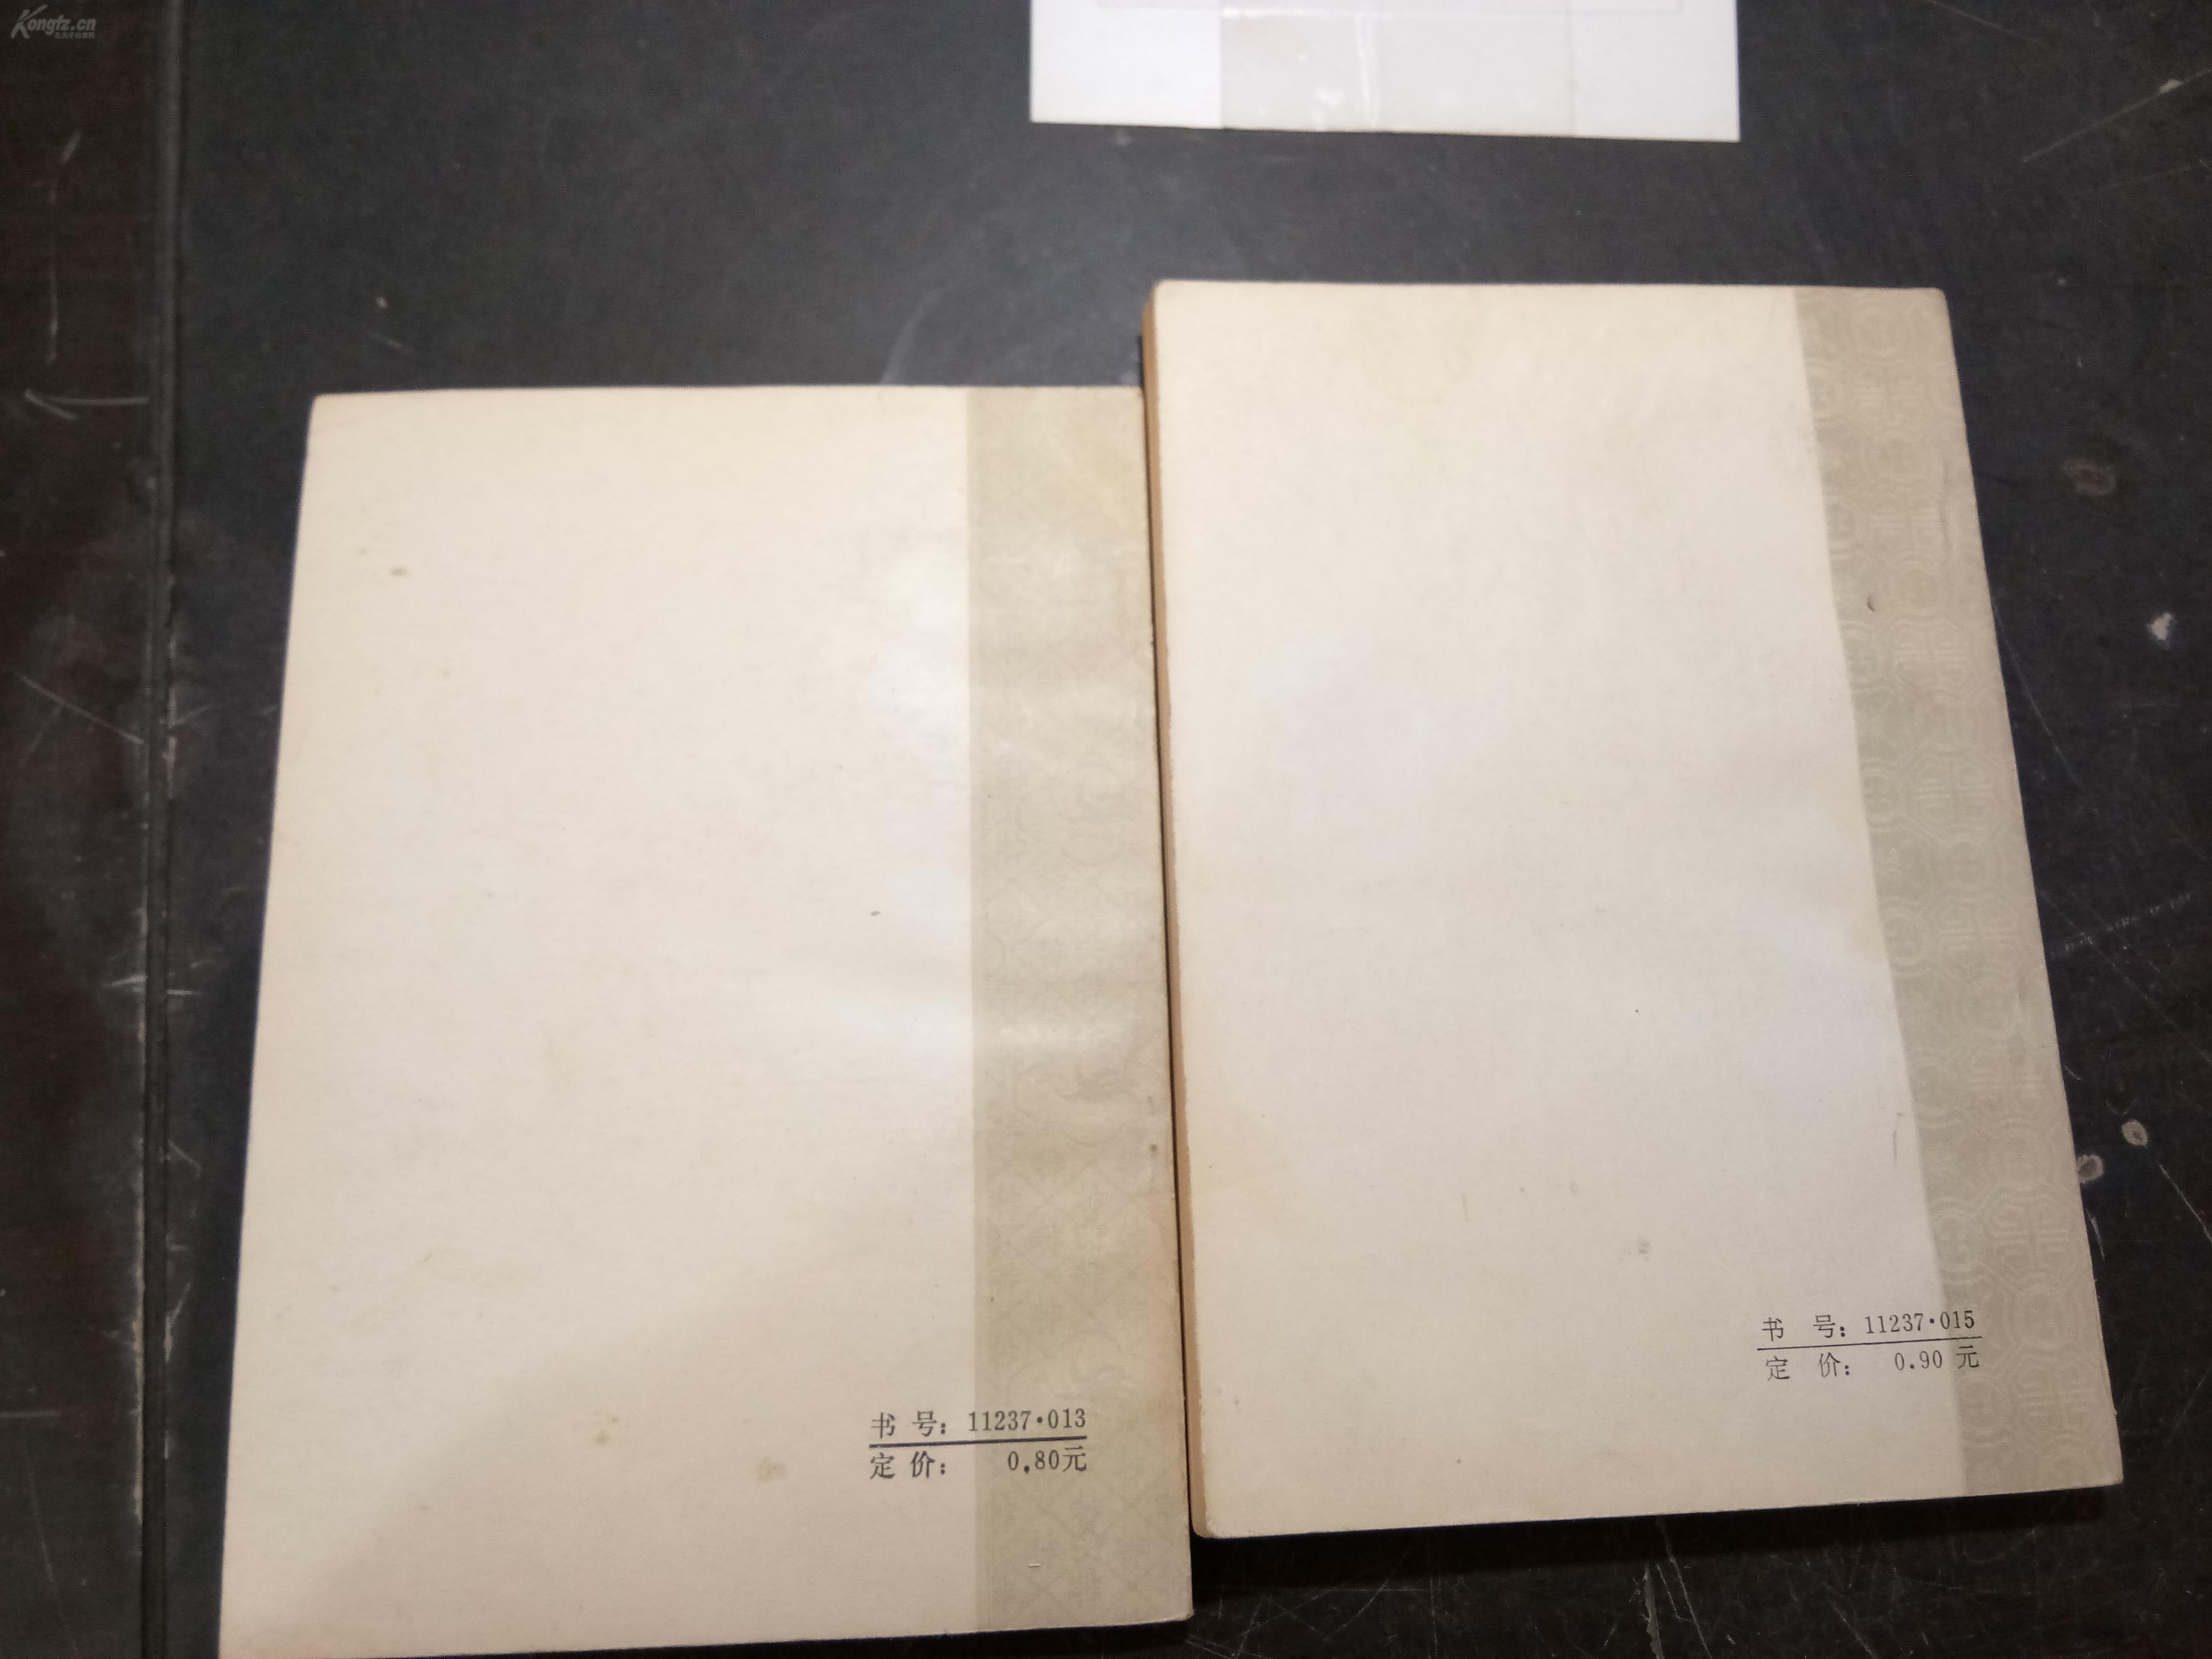 老版菜谱、菜谱6本合售具体详见图片满20元济宁食谱微山山东图片